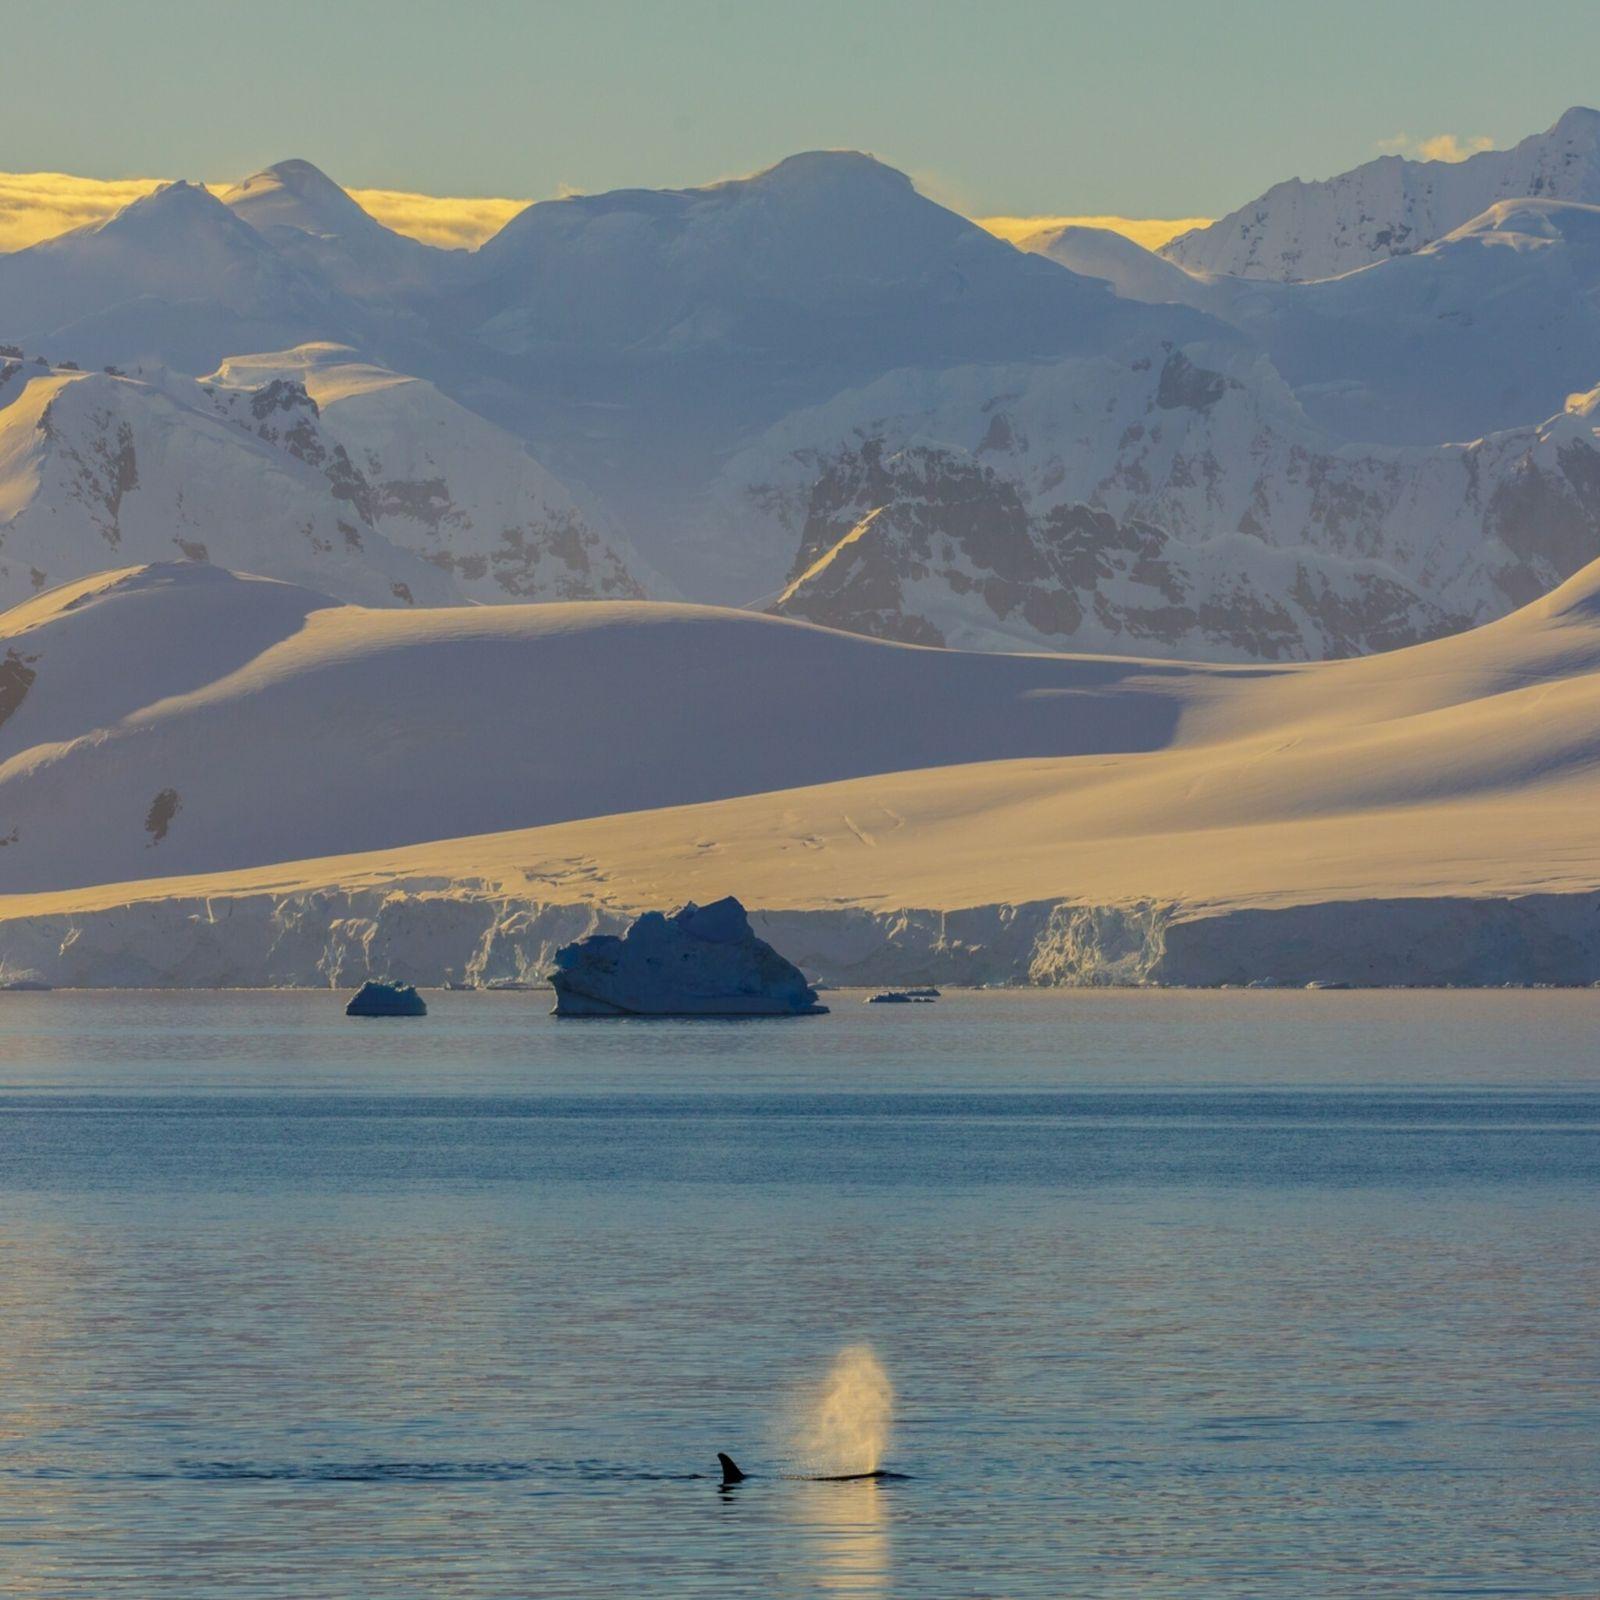 whale-blowhole-myth